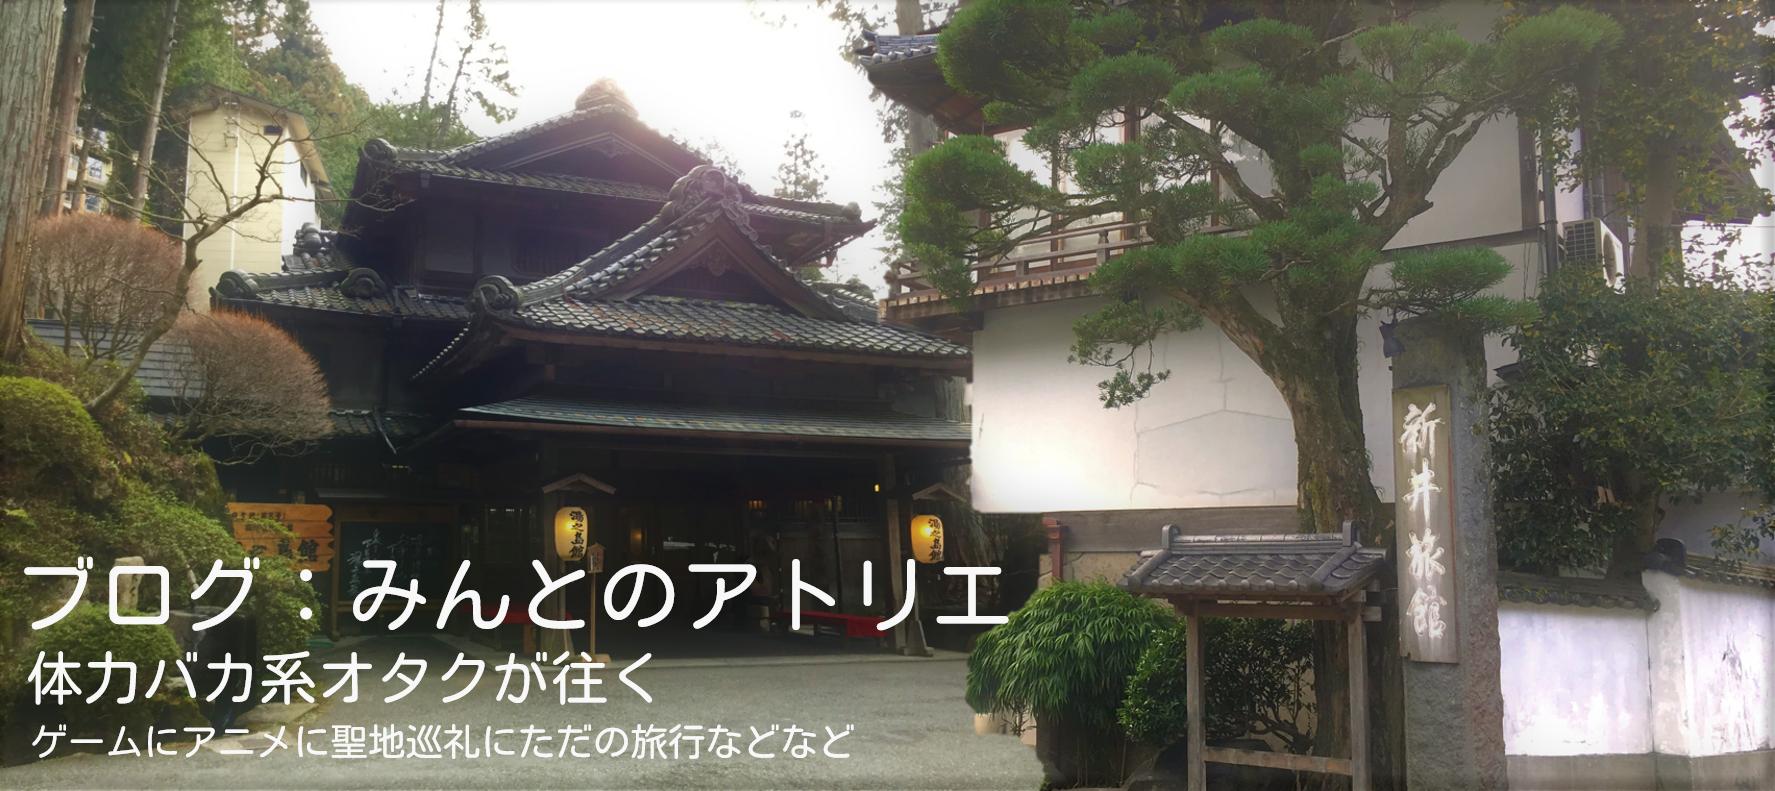 みんとのメインブログ『みんとのアトリエ』